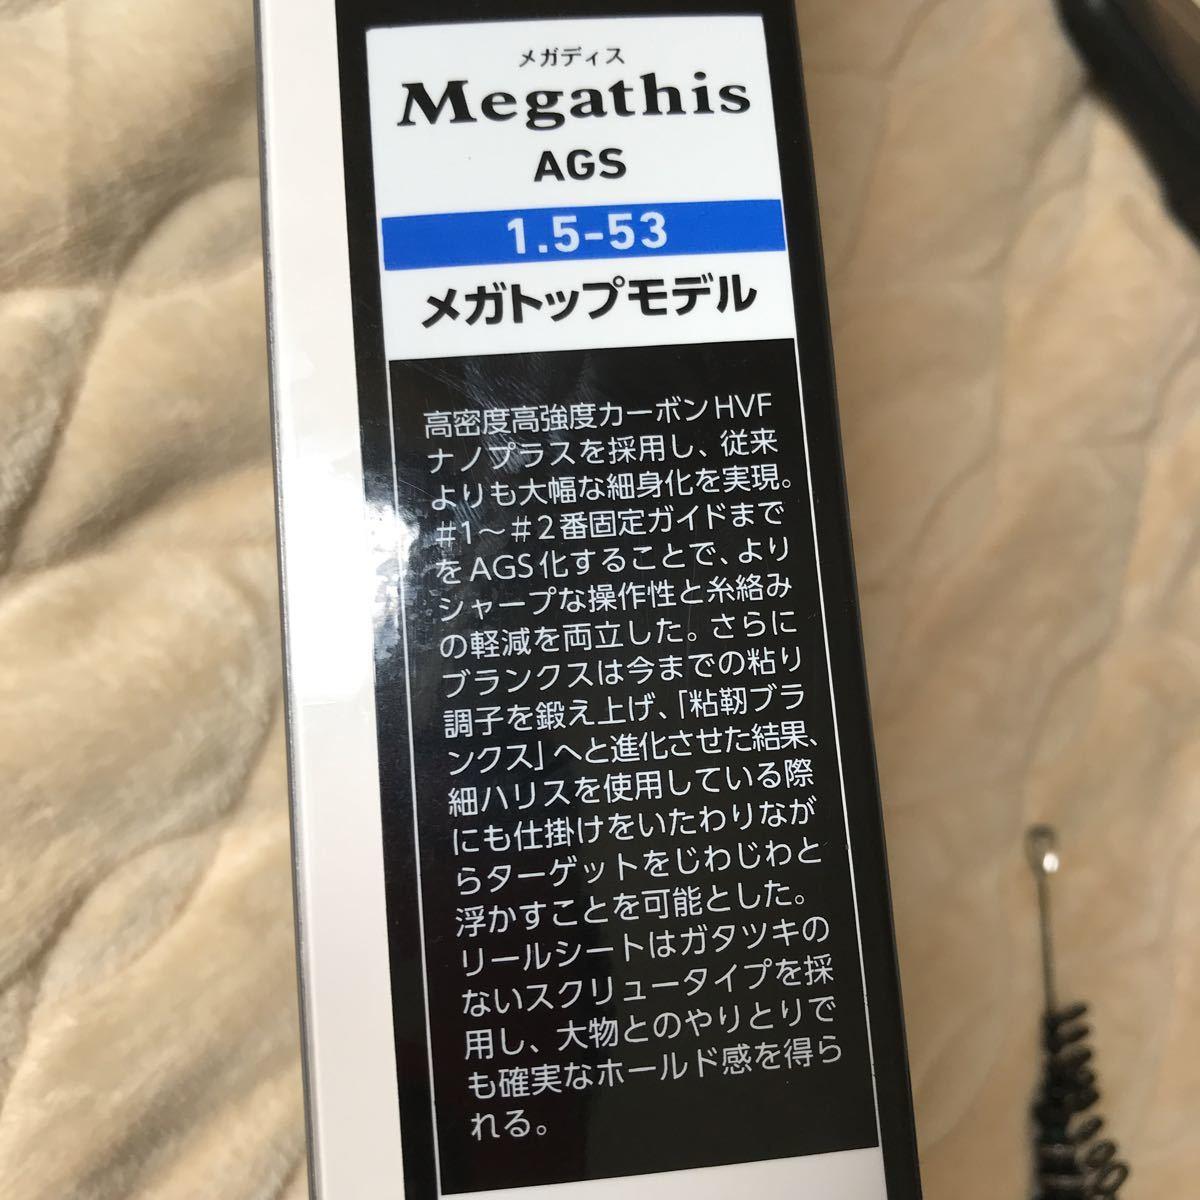 使用感なし!超美品!ダイワ メガディスAGS 1.5-53E 売り切り!_画像9